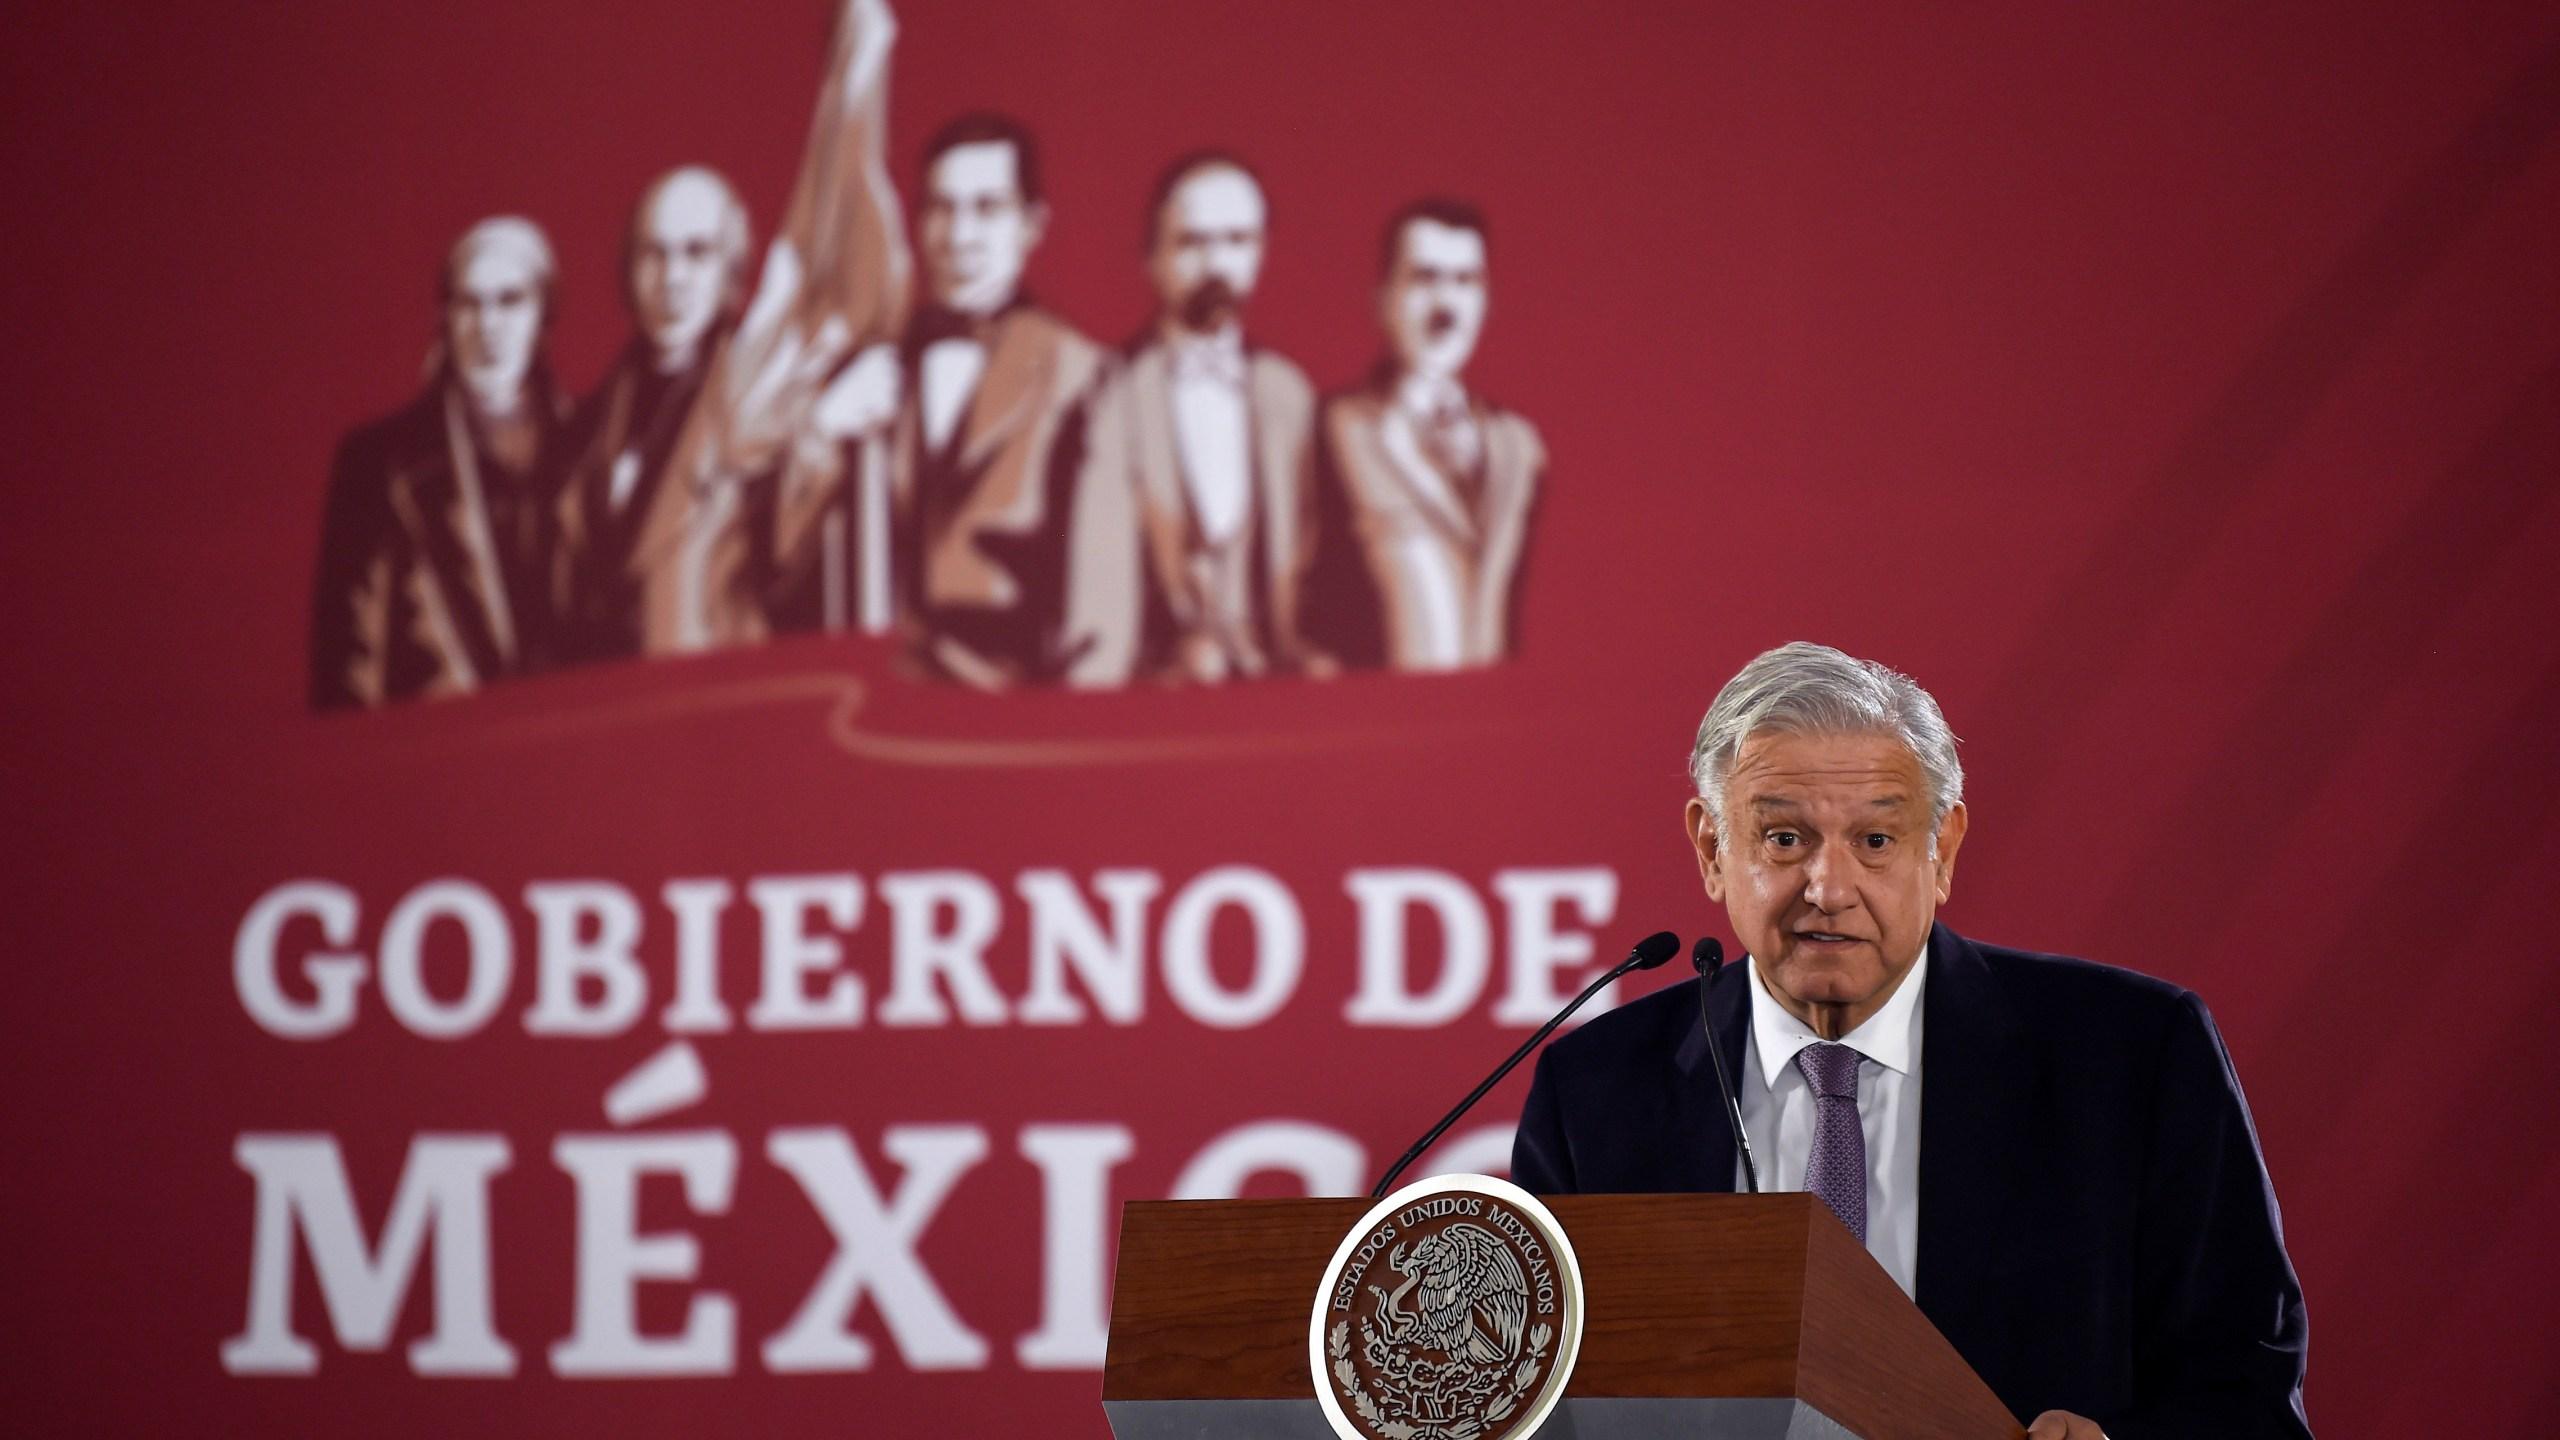 Mexico's President Andres Manuel Lopez Obrador delivers a press conference at the Palacio Nacional, in Mexico City on Dec. 14, 2018. (Credit: ALFREDO ESTRELLA / AFP)